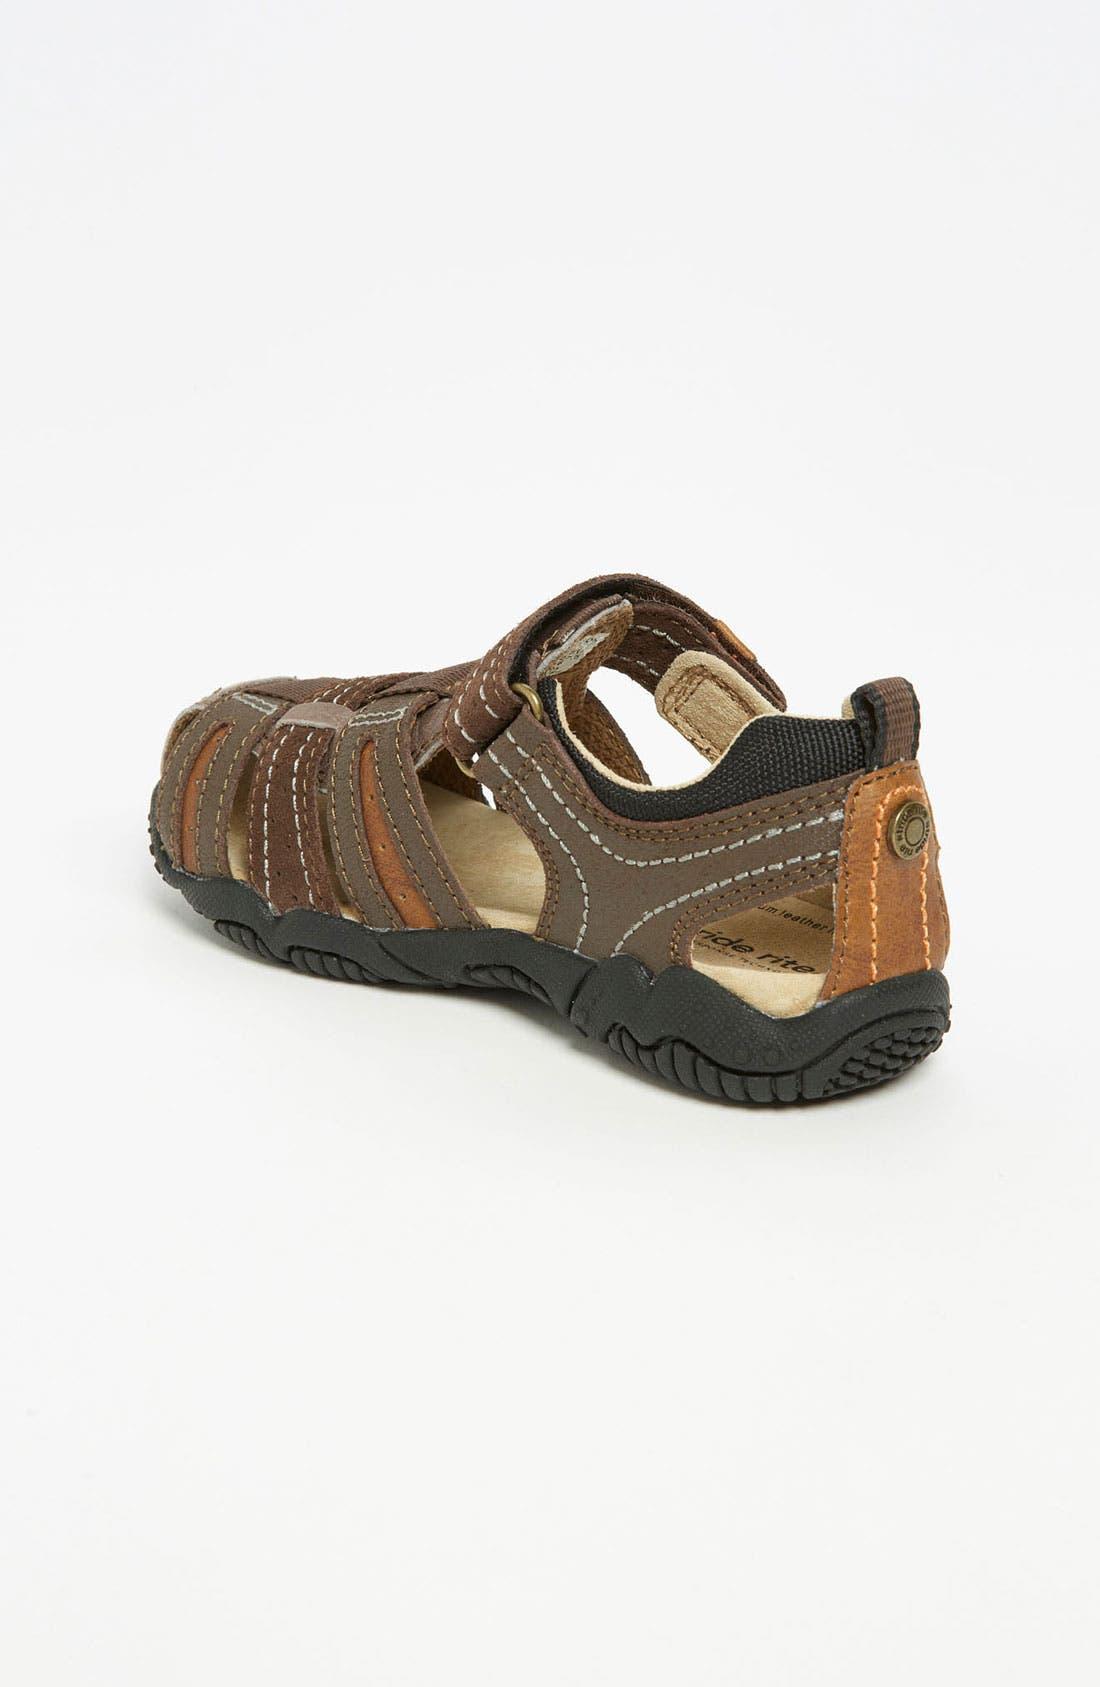 Alternate Image 2  - Stride Rite 'Ericson' Sandal (Toddler & Little Kid)